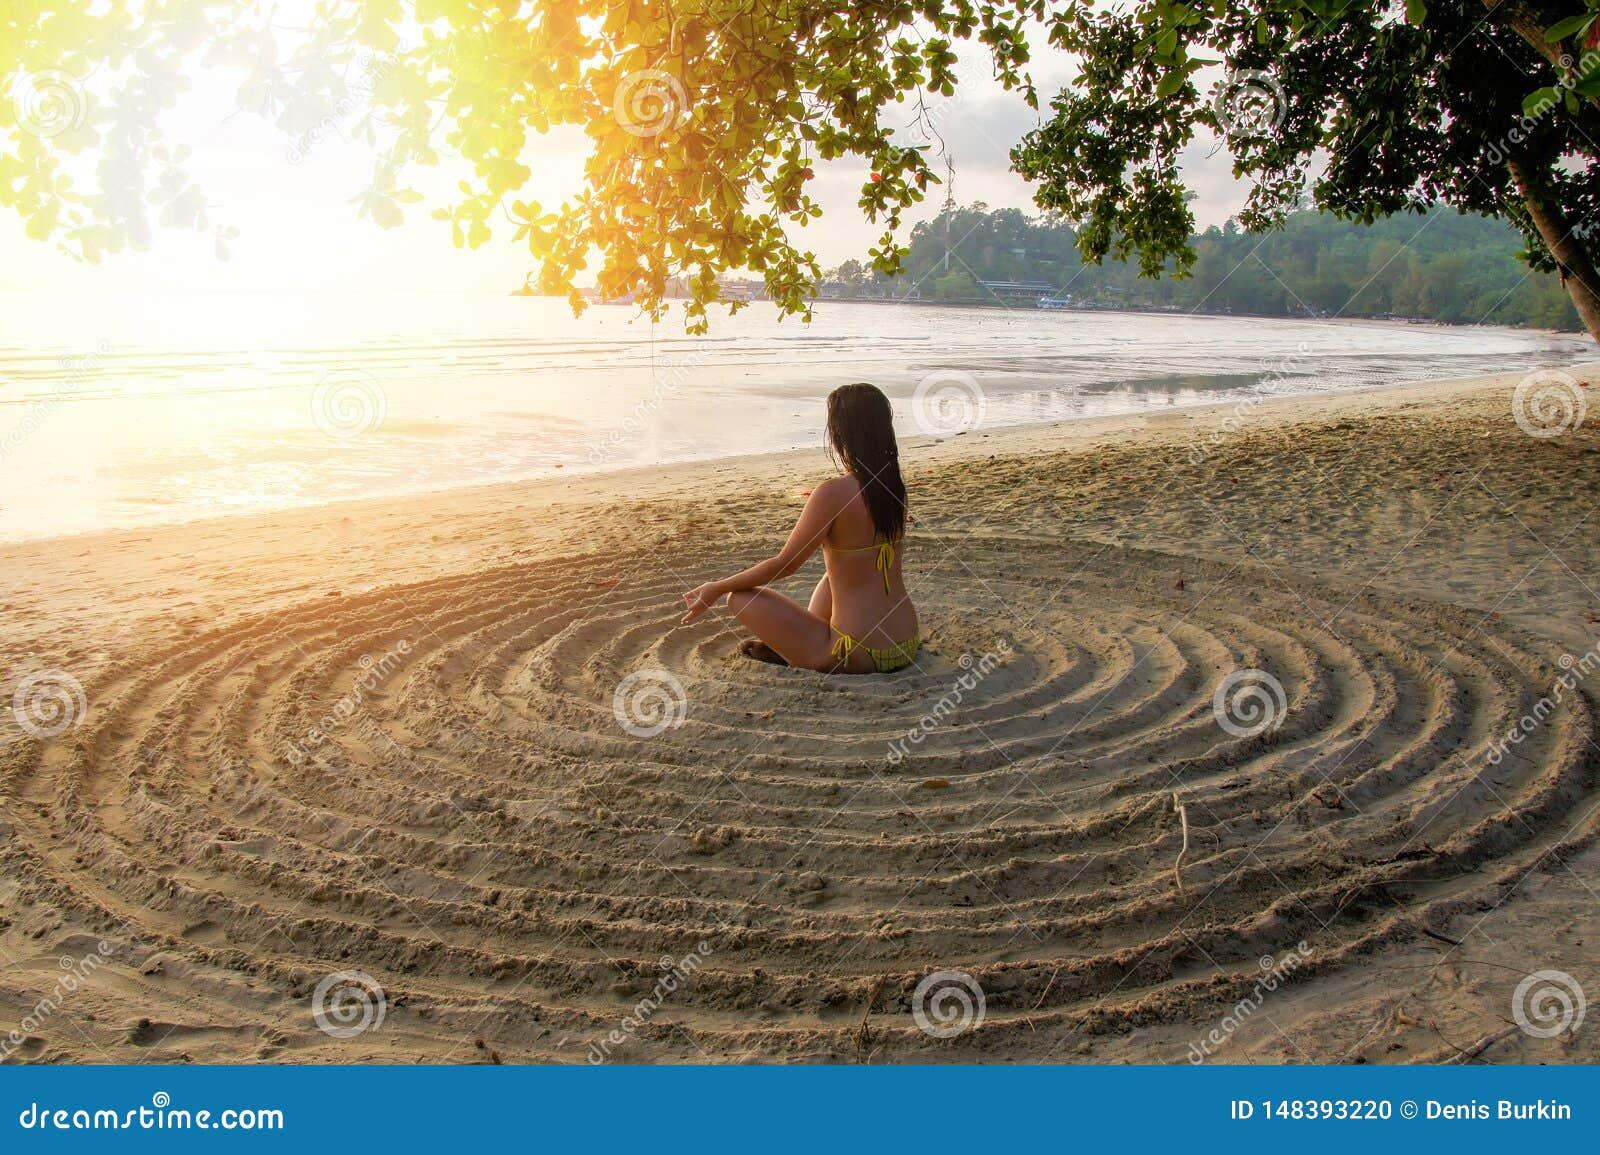 Het meisje leunt op het zandige strand in het centrum van een onvoorbereide cirkel achterover en mediteert